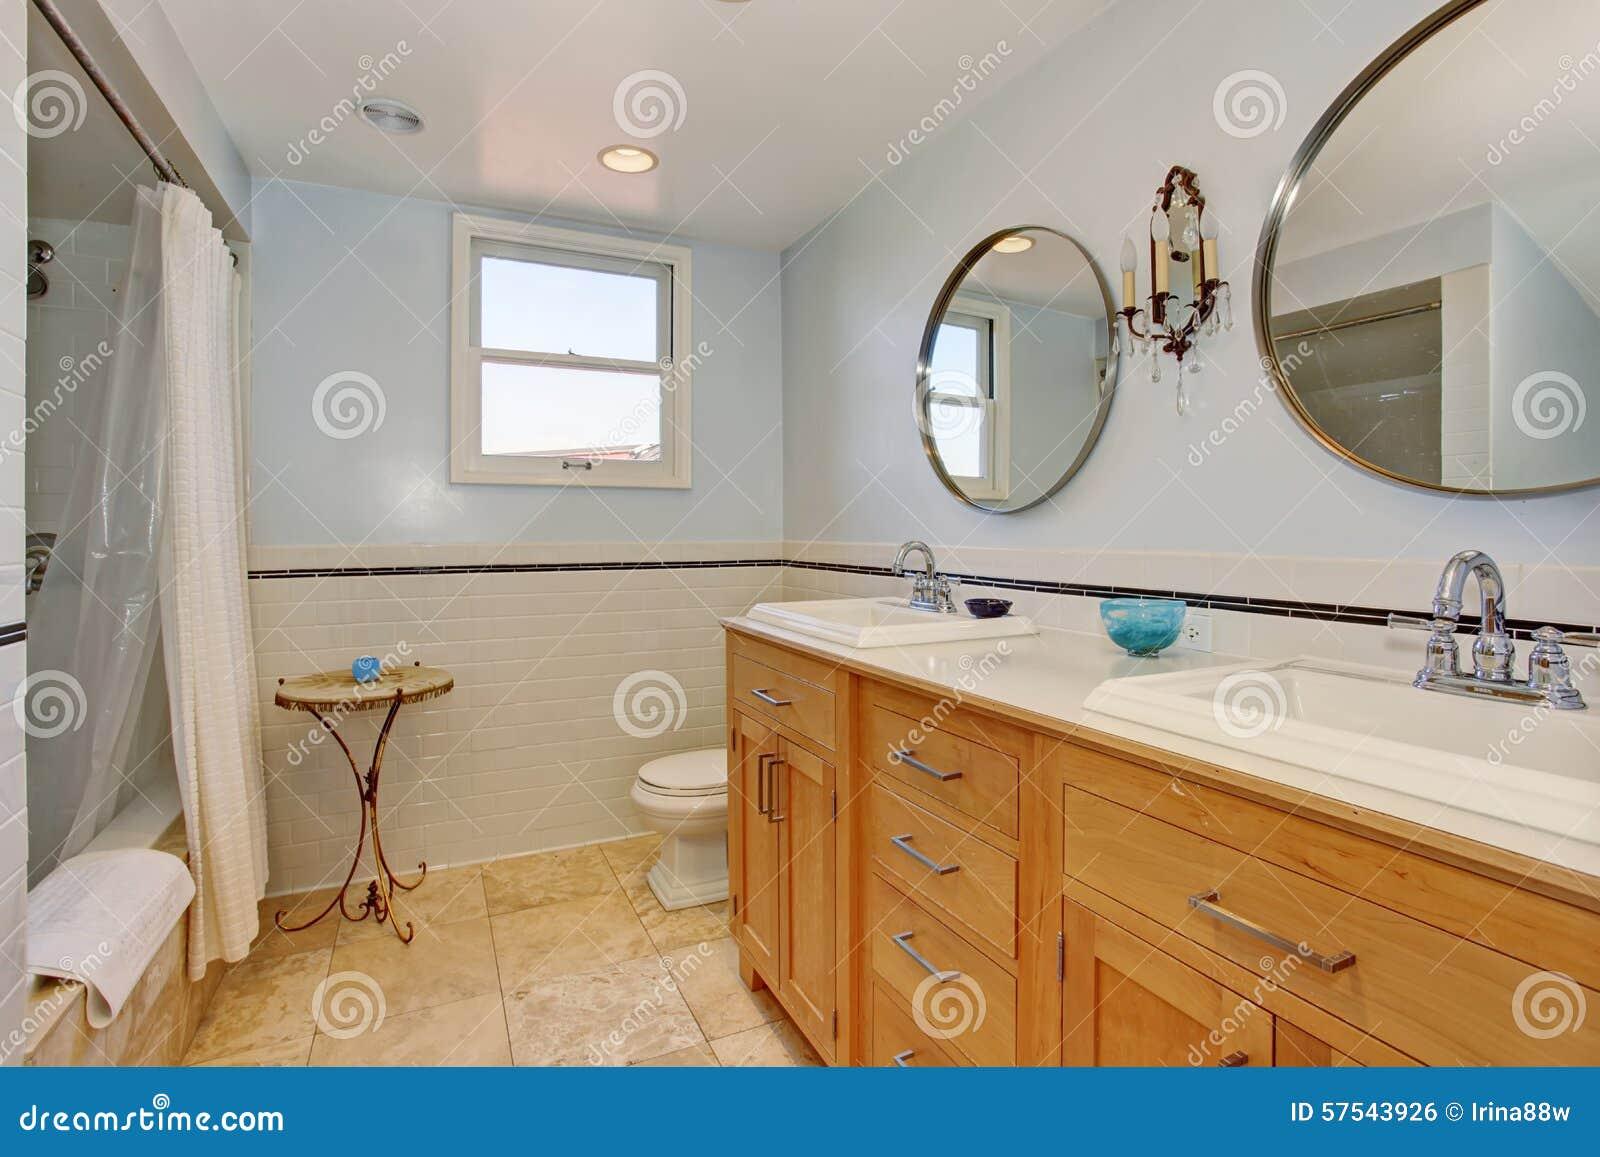 Salle de bains moderne avec deux miroirs ovales et rideau for Rideau de douche moderne